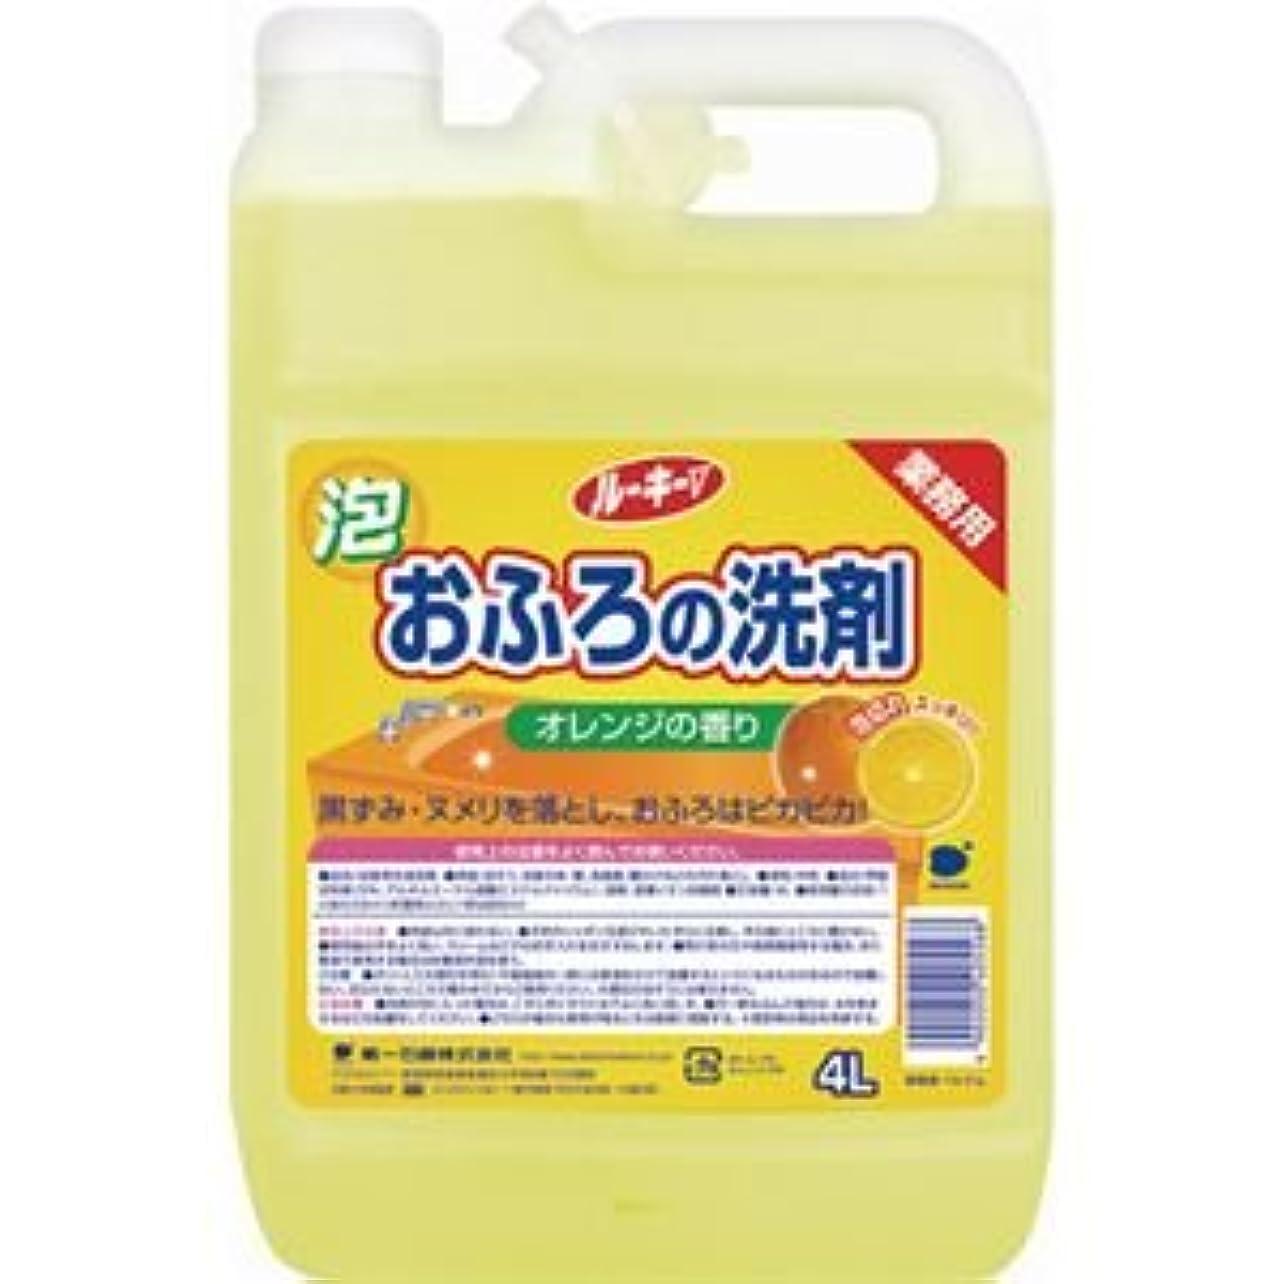 たぶん統合考えた(まとめ) 第一石鹸 ルーキーV おふろ洗剤 業務用 4L 1本 【×5セット】